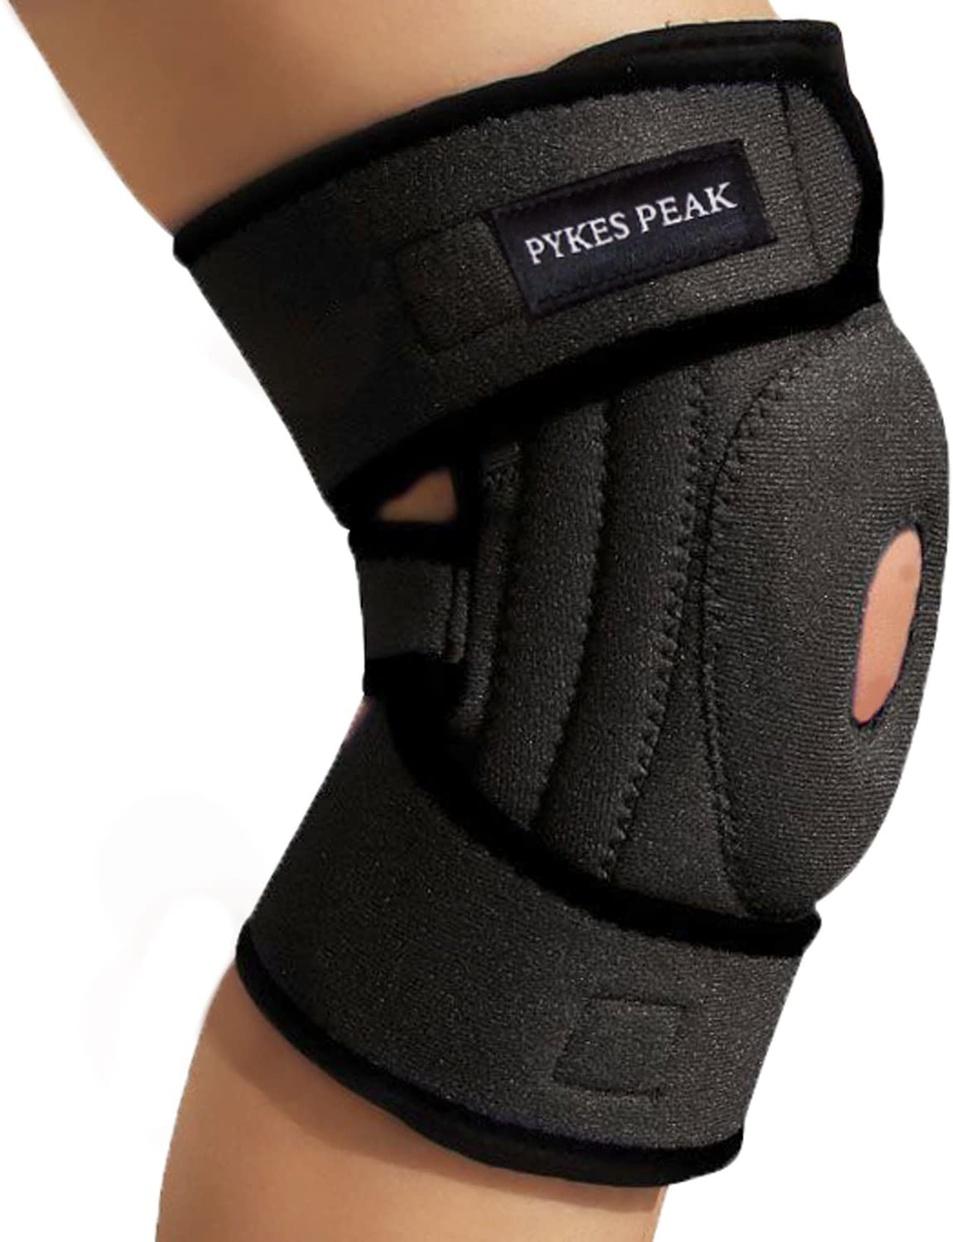 PYKES PEAK(パイクスピーク) 膝サポーターの商品画像